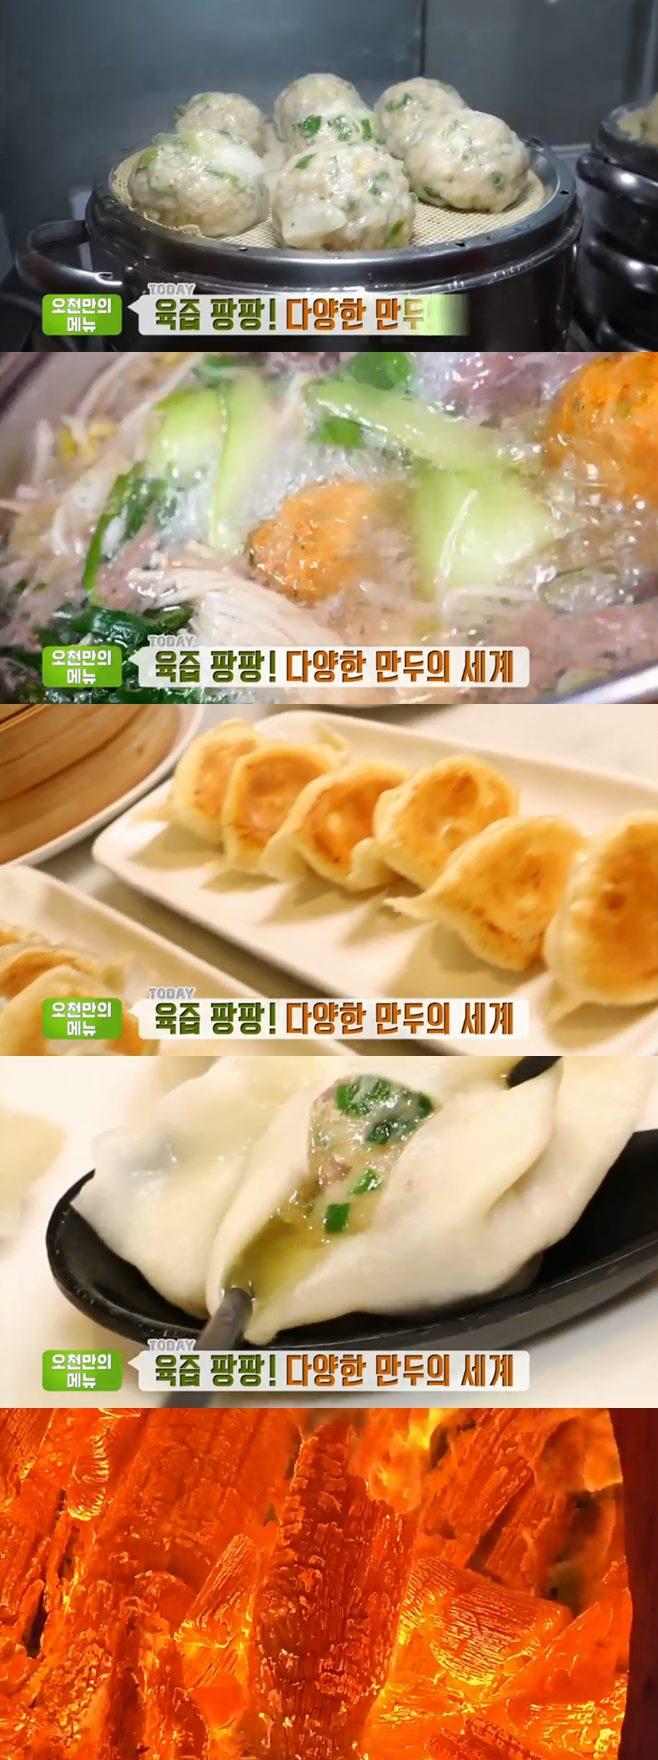 '생방송투데이' 굴림만두전골(장수관)+삼창교자+토종팔팔백숙(동기간) 맛집